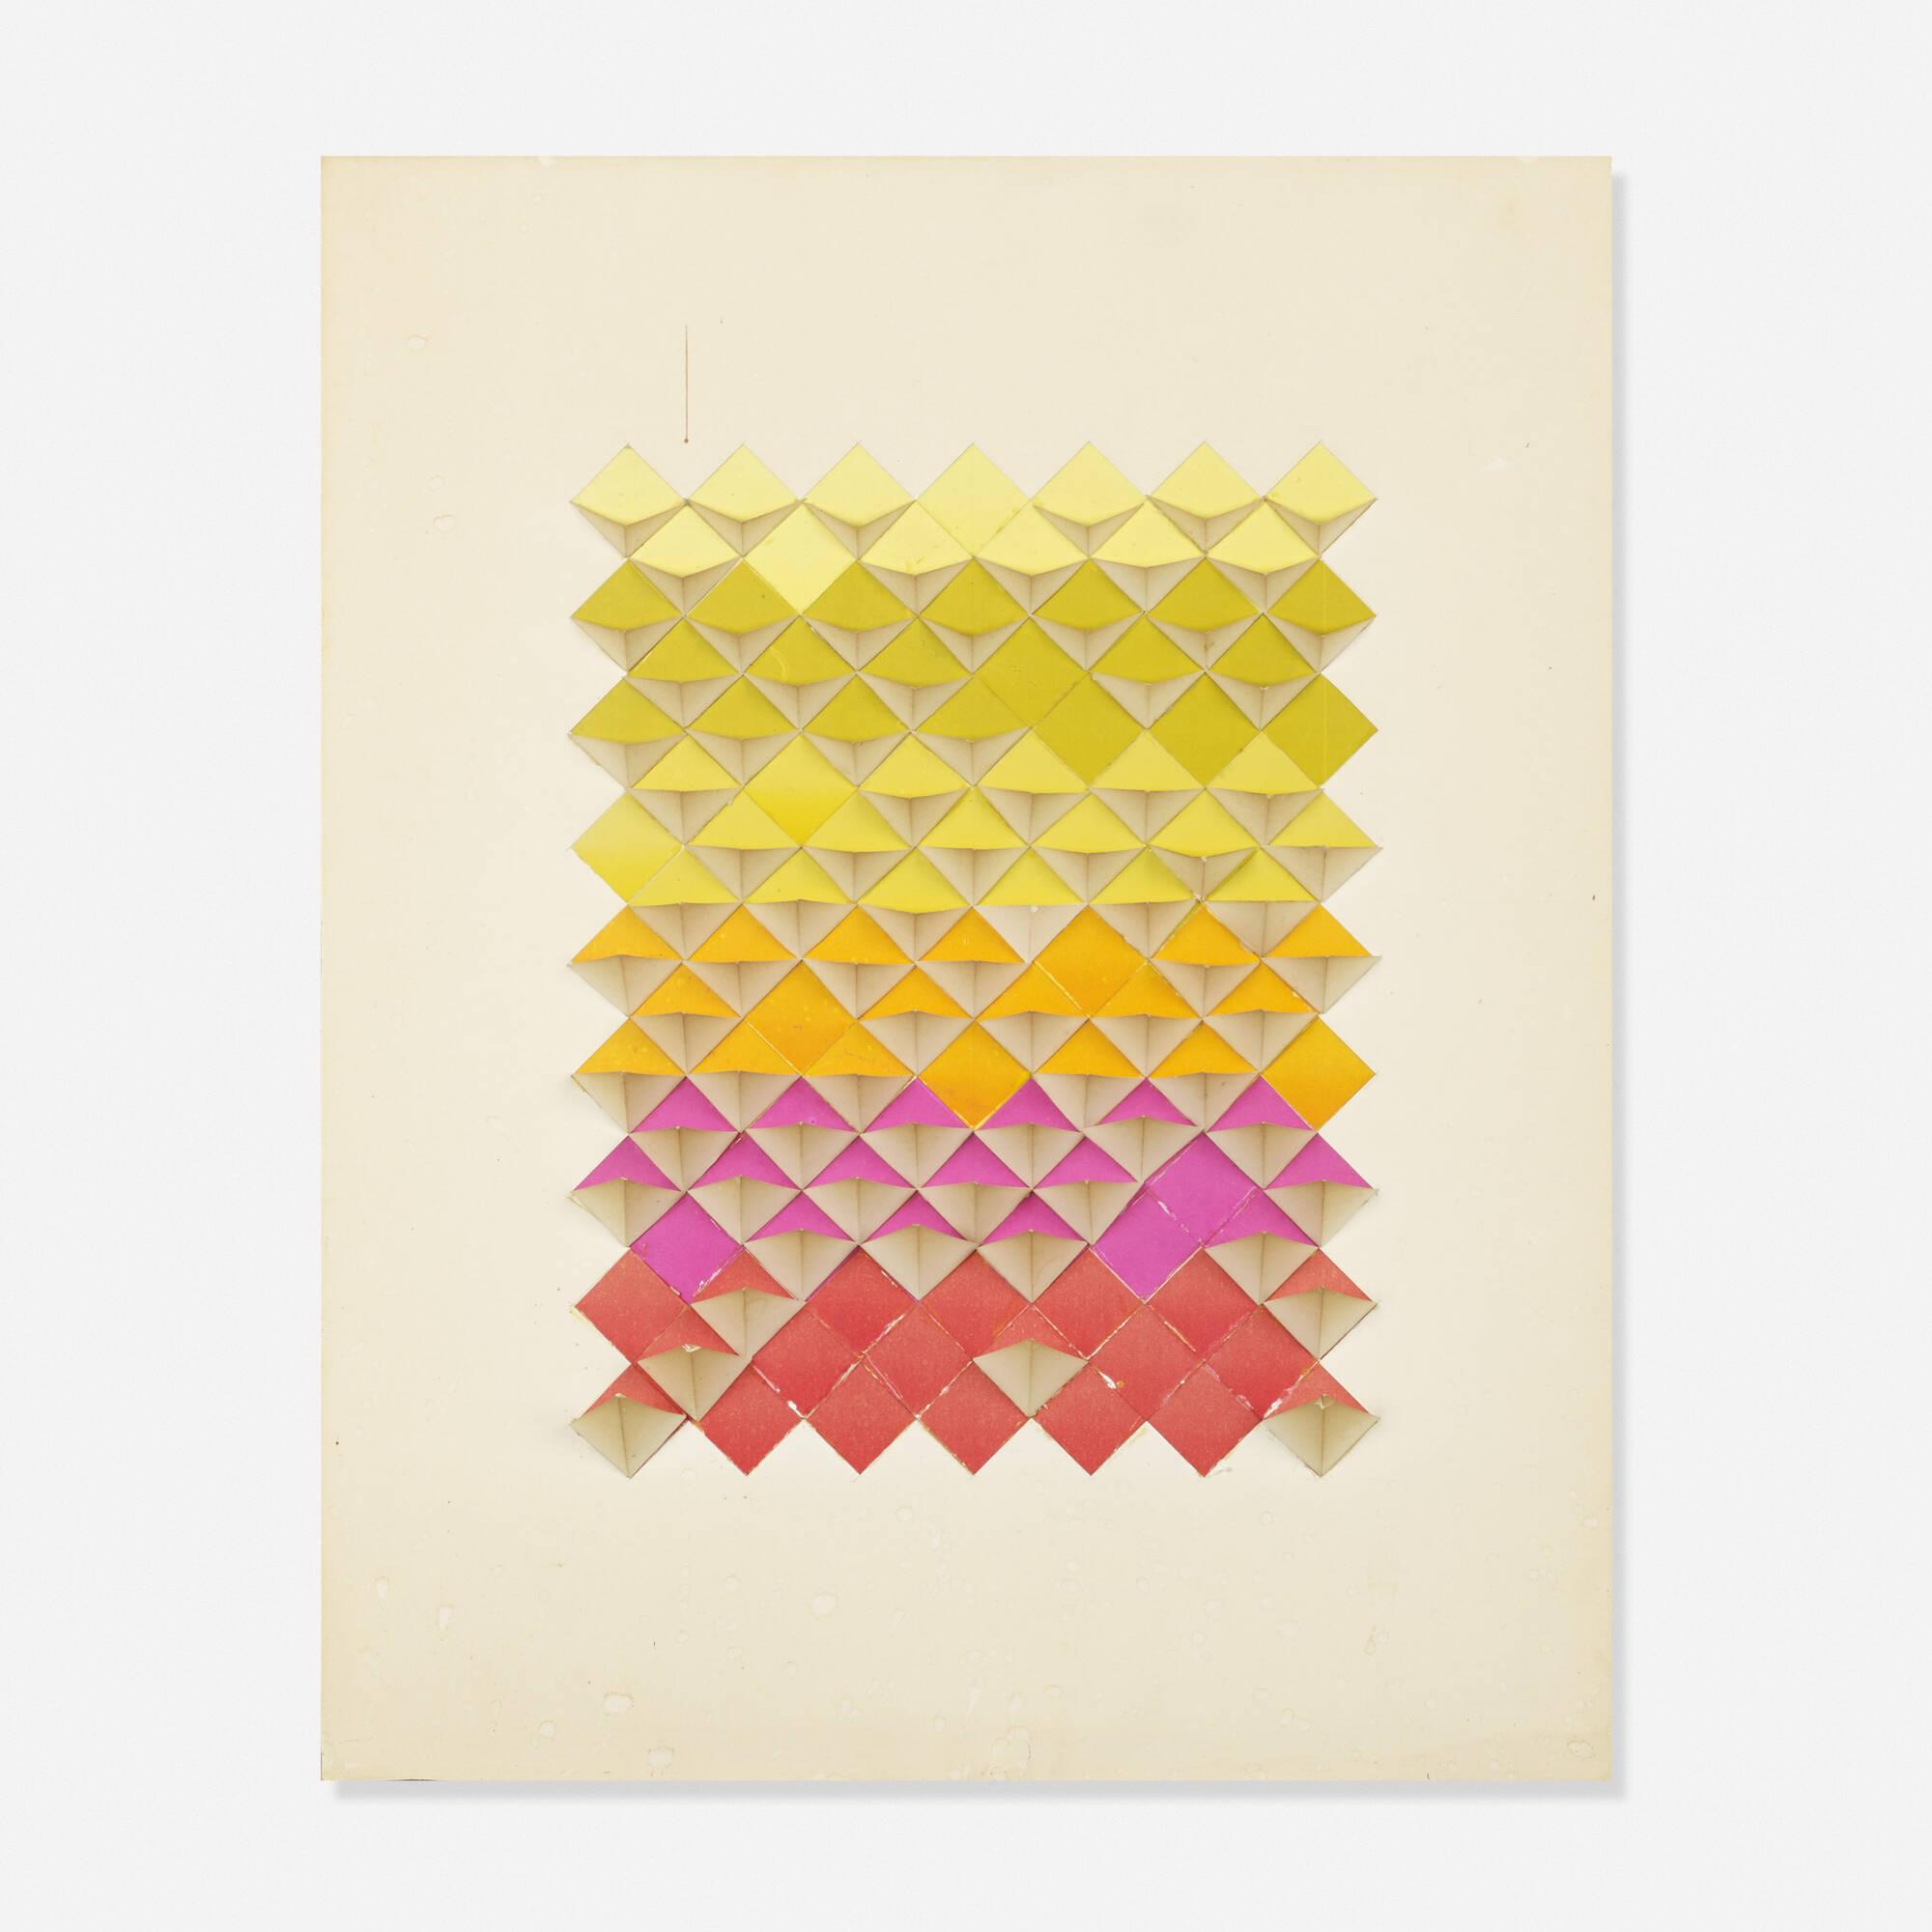 328: Irving Harper / Untitled (1 of 3)